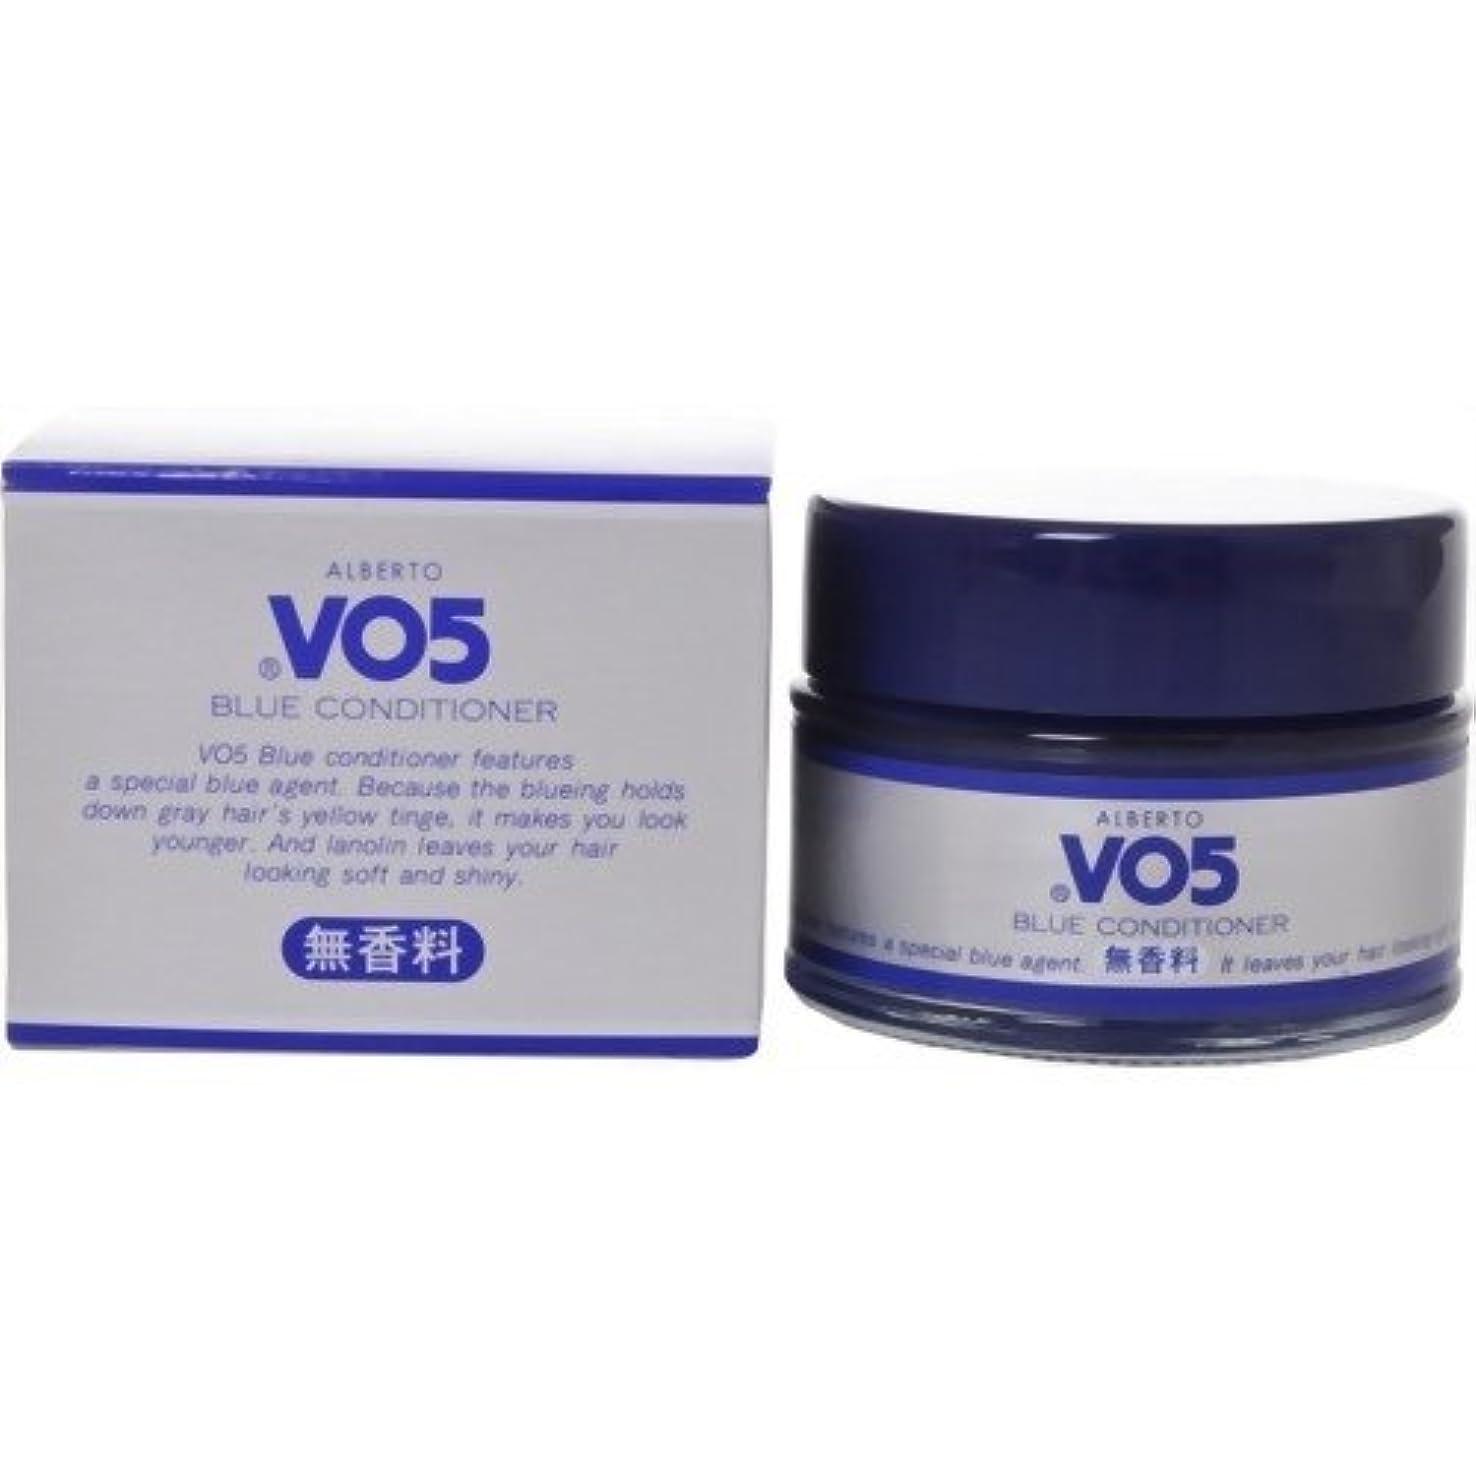 移植実験忌避剤アルバートVO5コンソートブルーコンディショナー無香料85g